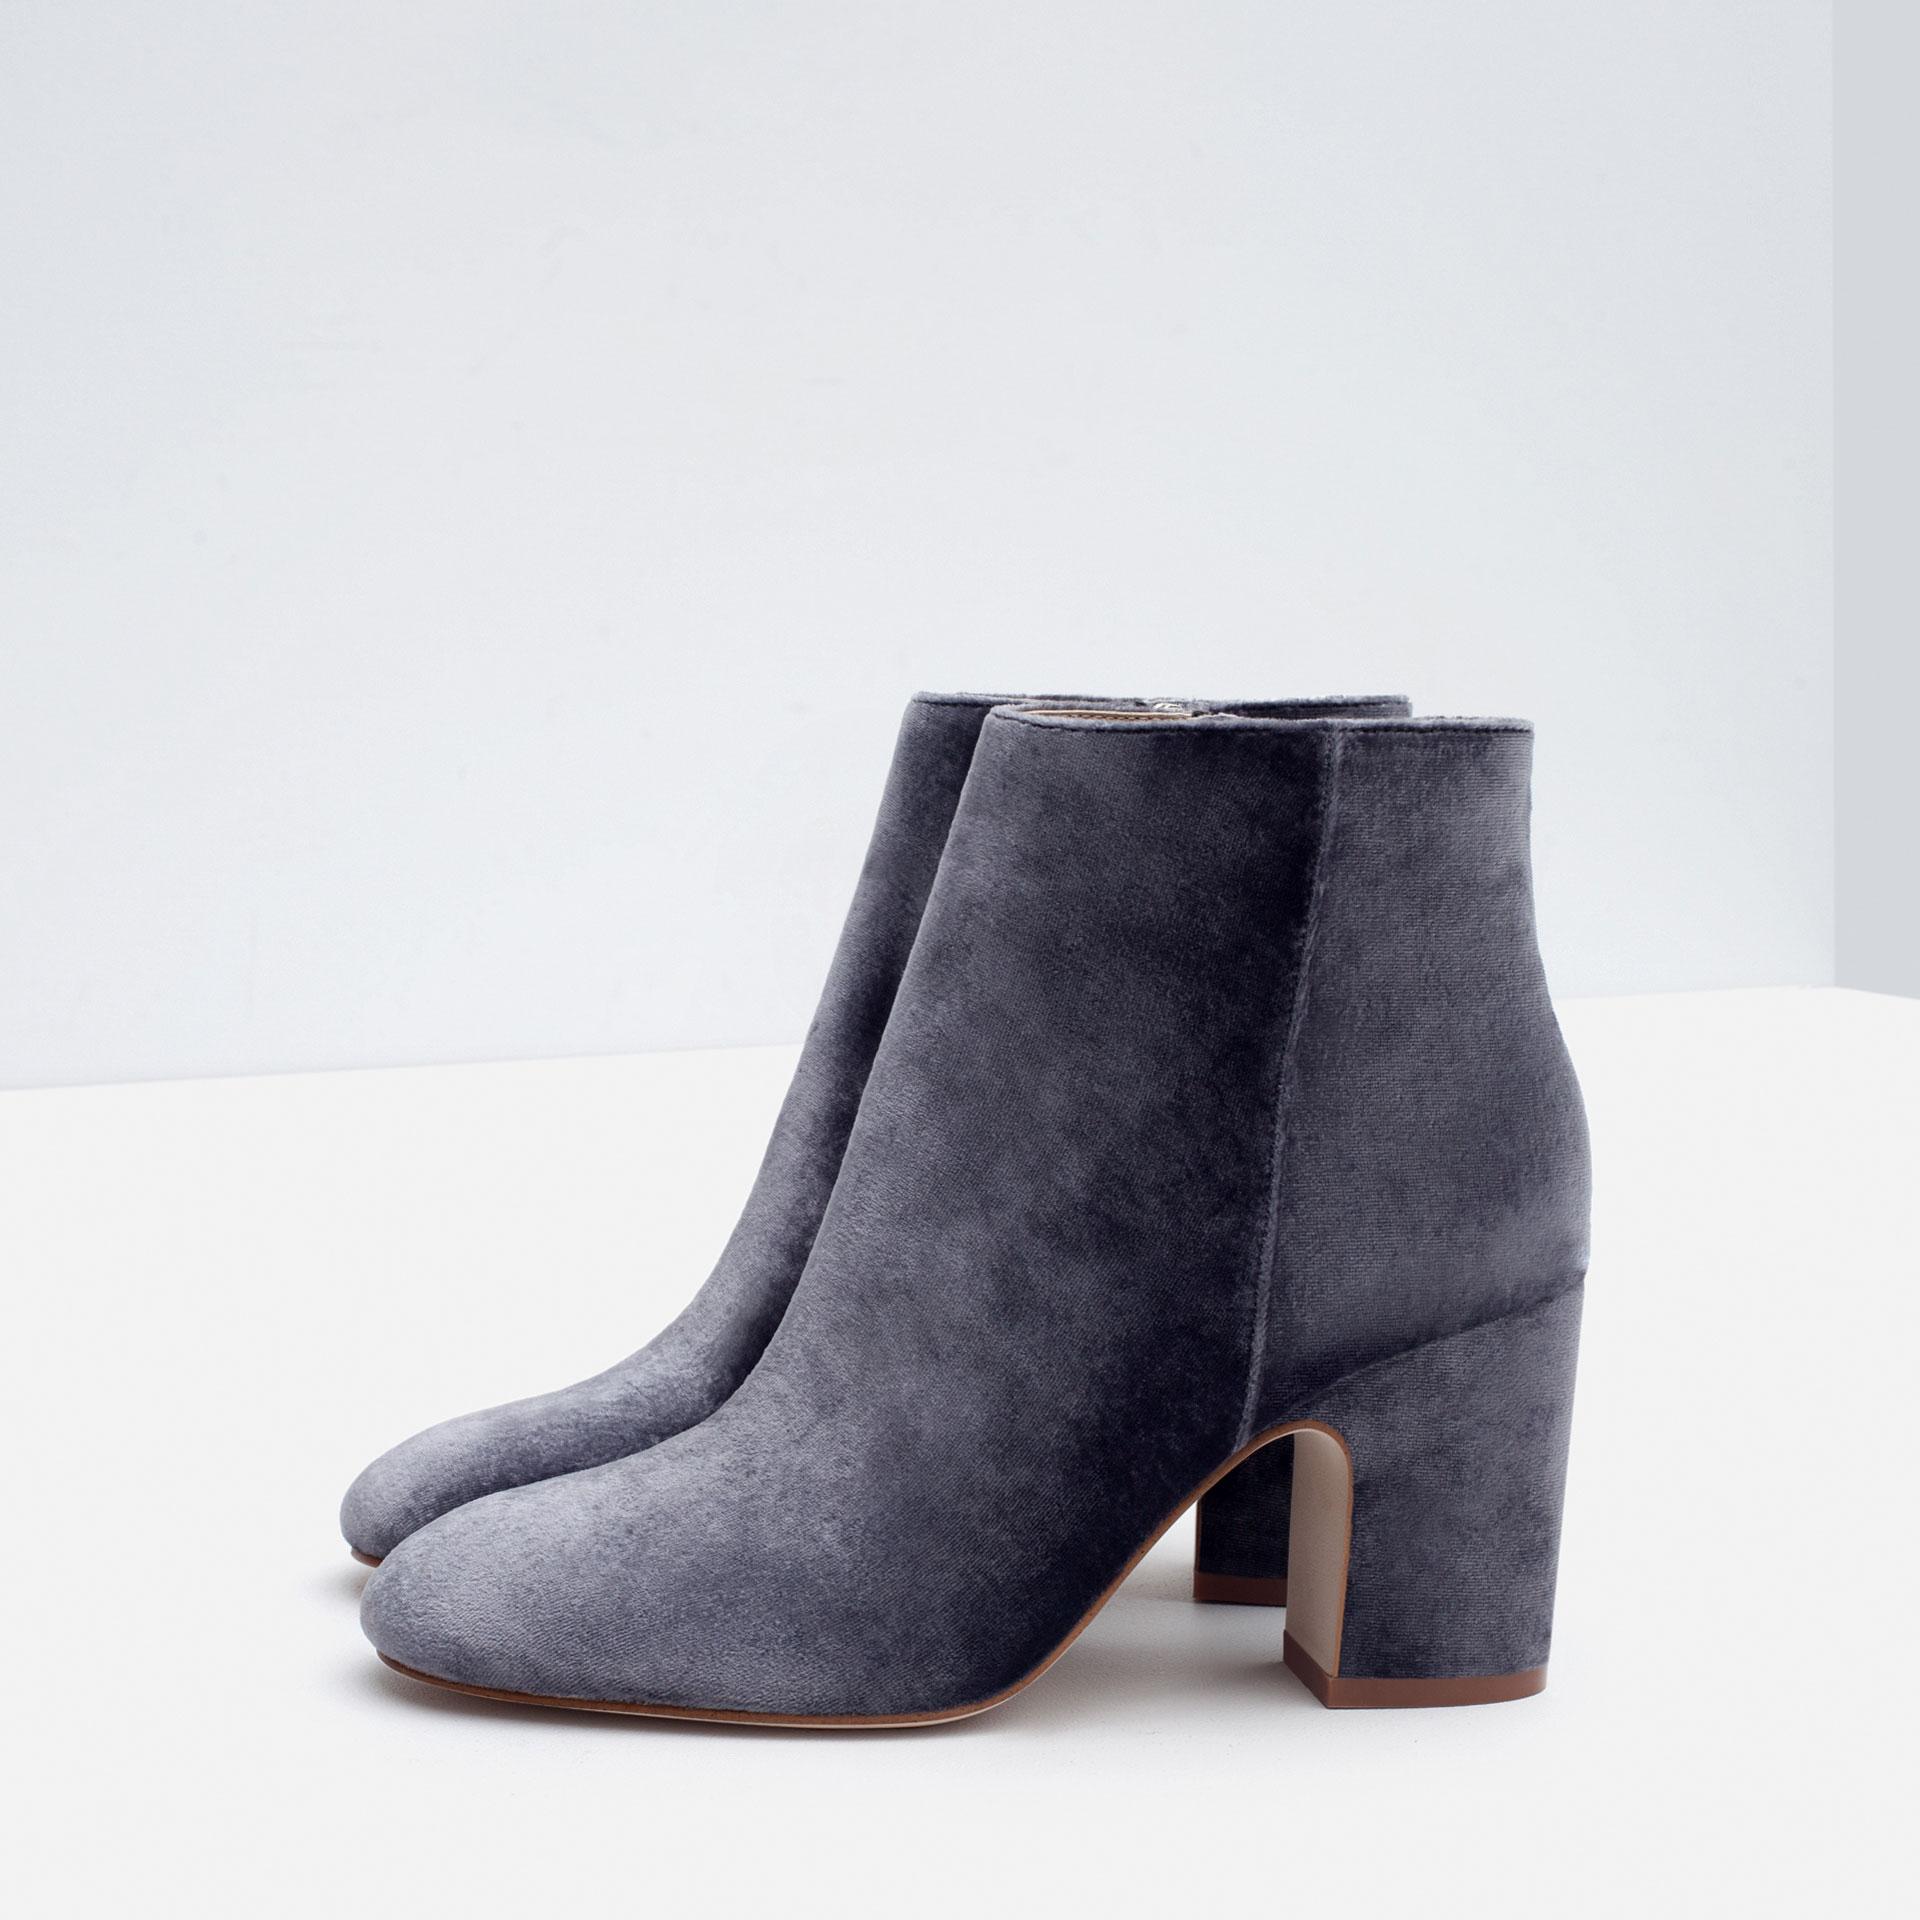 soft-grey-velvet-zara-boots.jpg